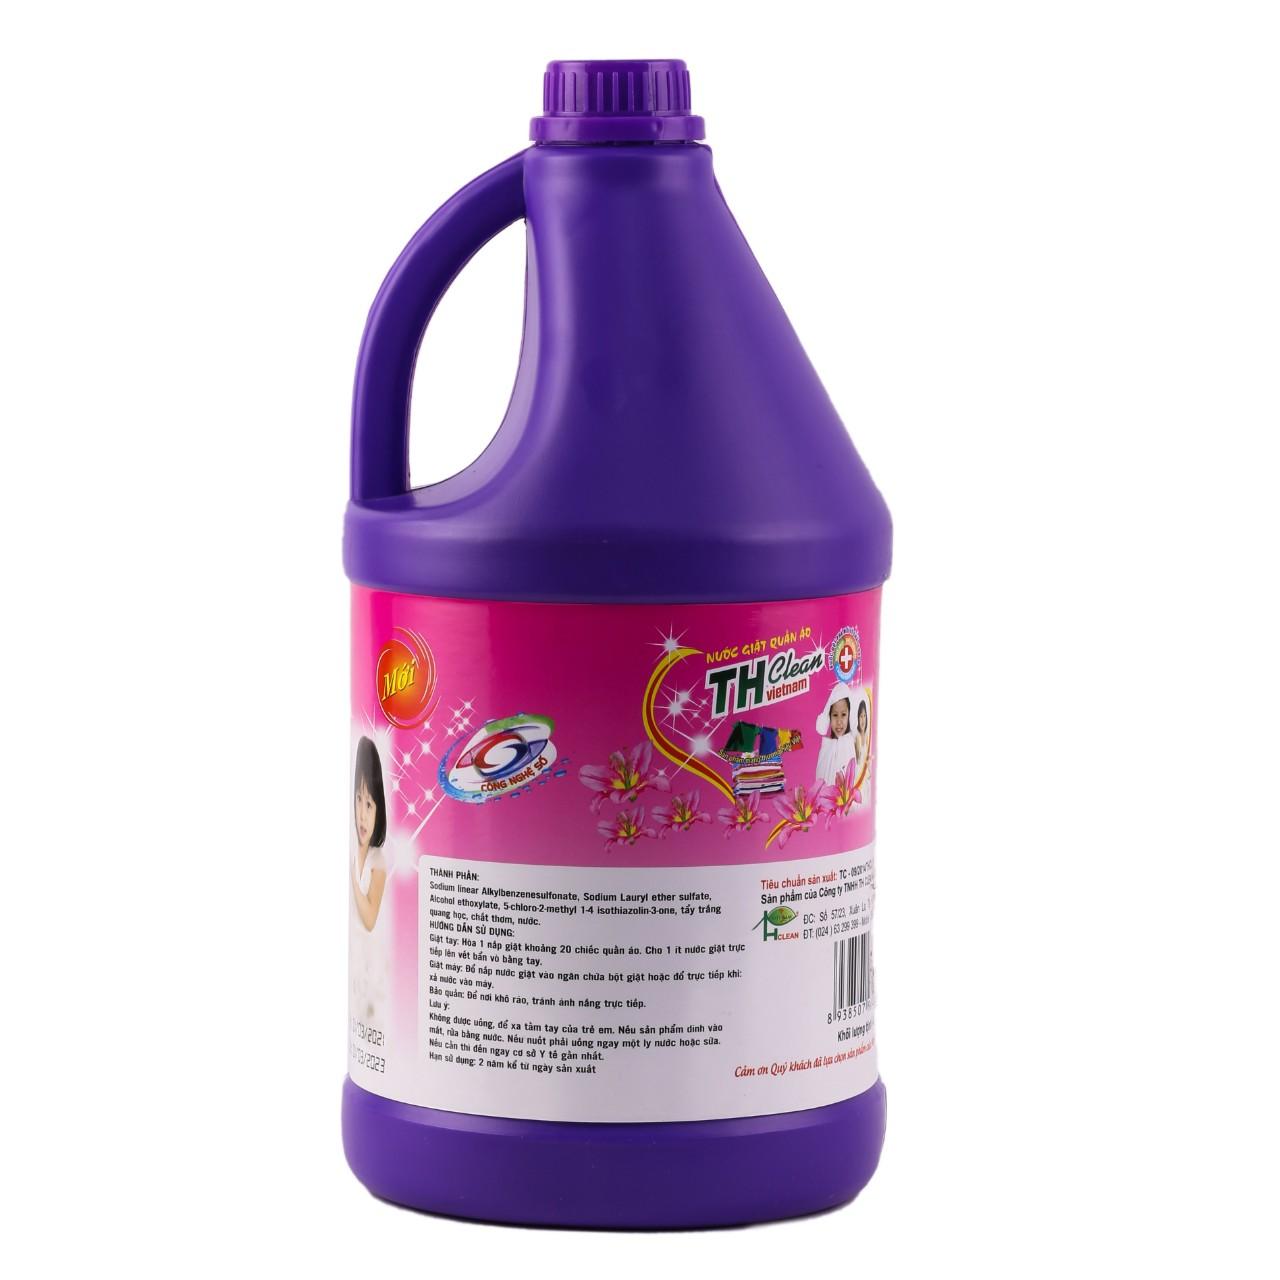 Nước giặt quần áo TH CLEAN can 5L